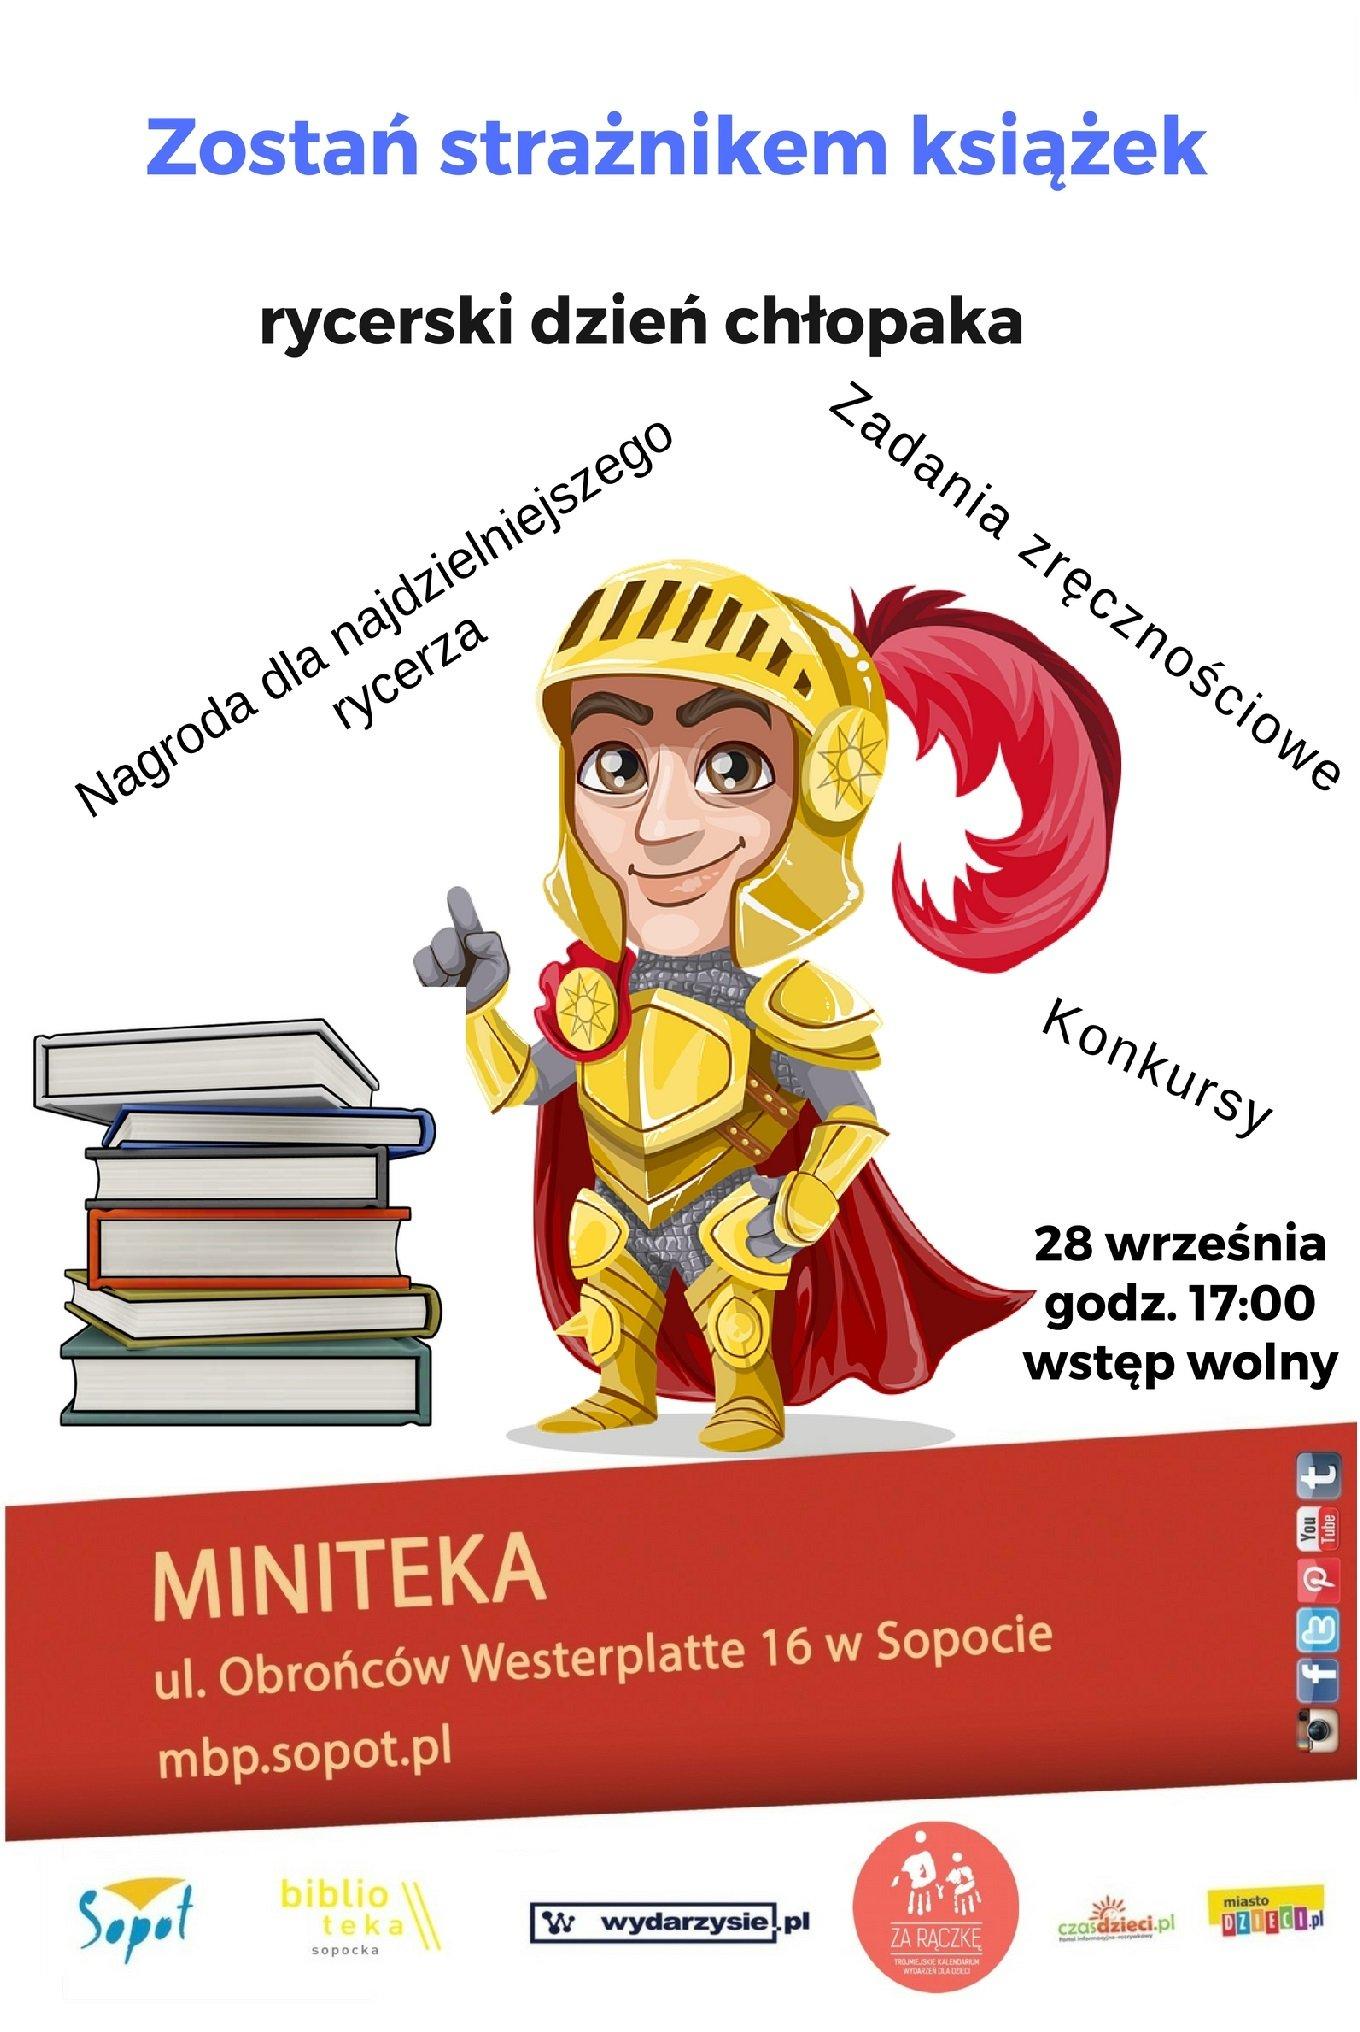 Zostań strażnikiem książek